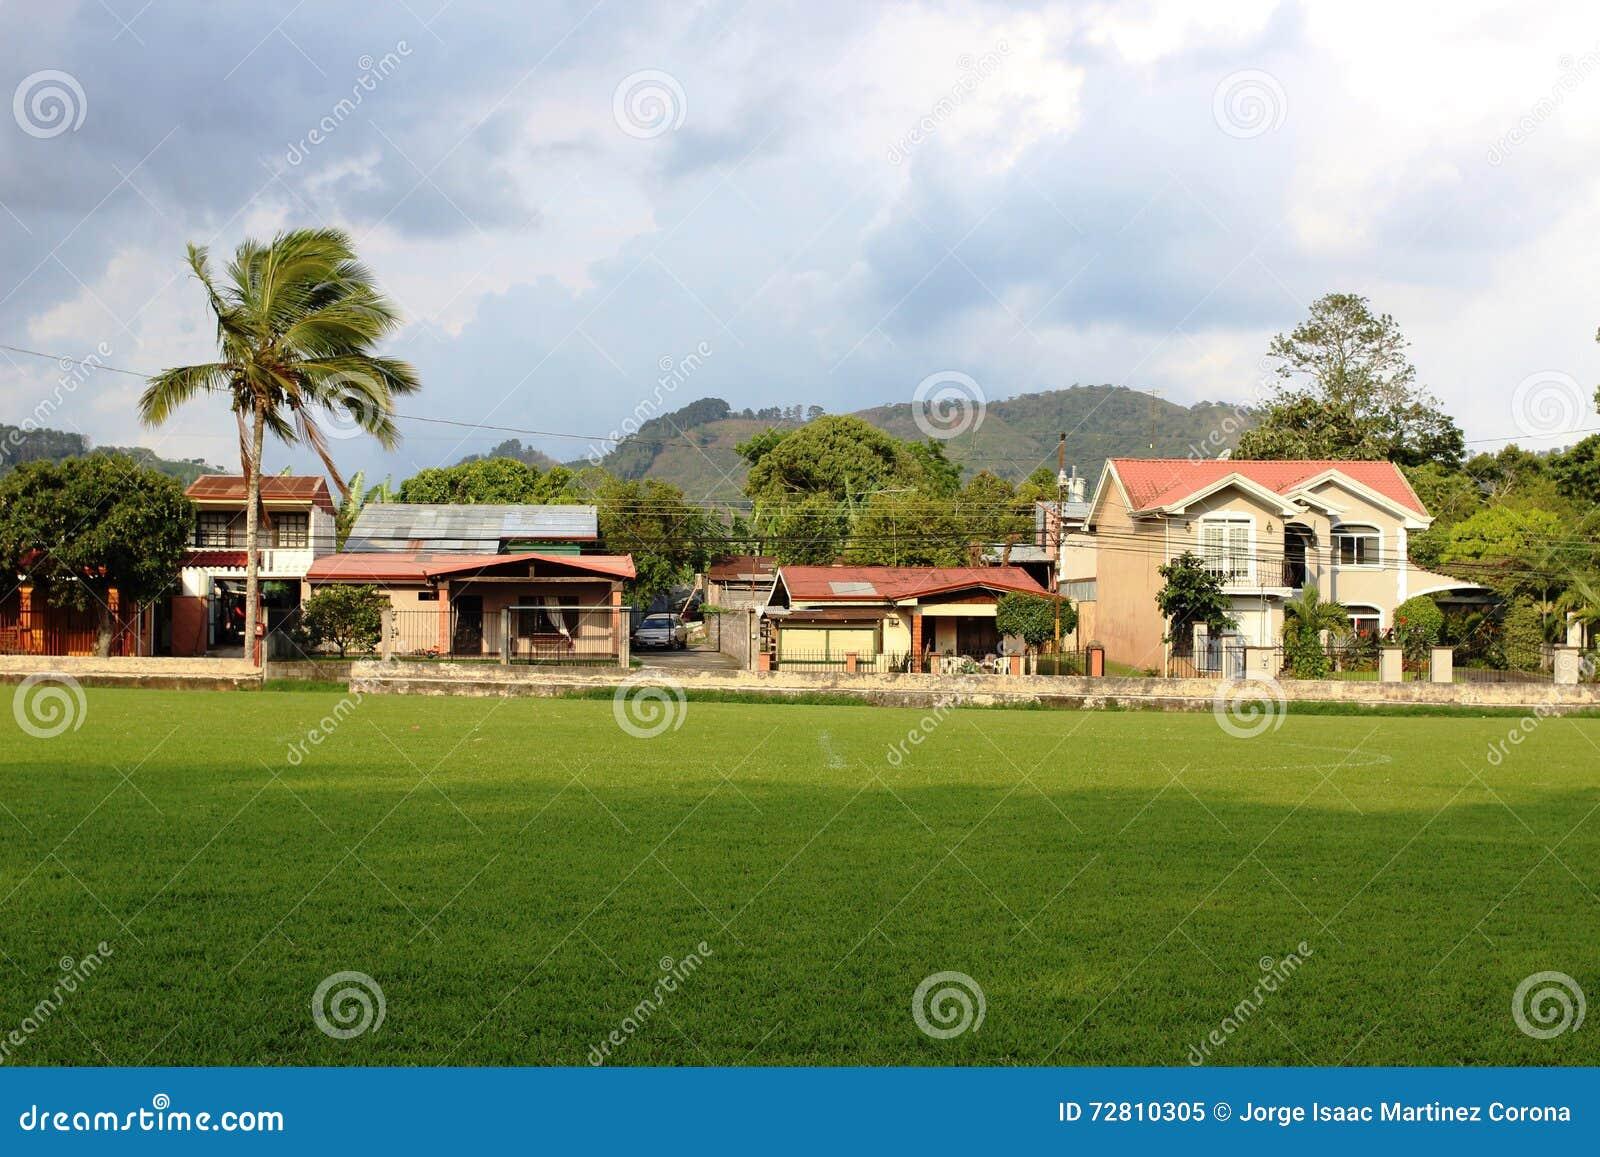 Terrain de football de Costa Rica avec des maisons dans l arrière